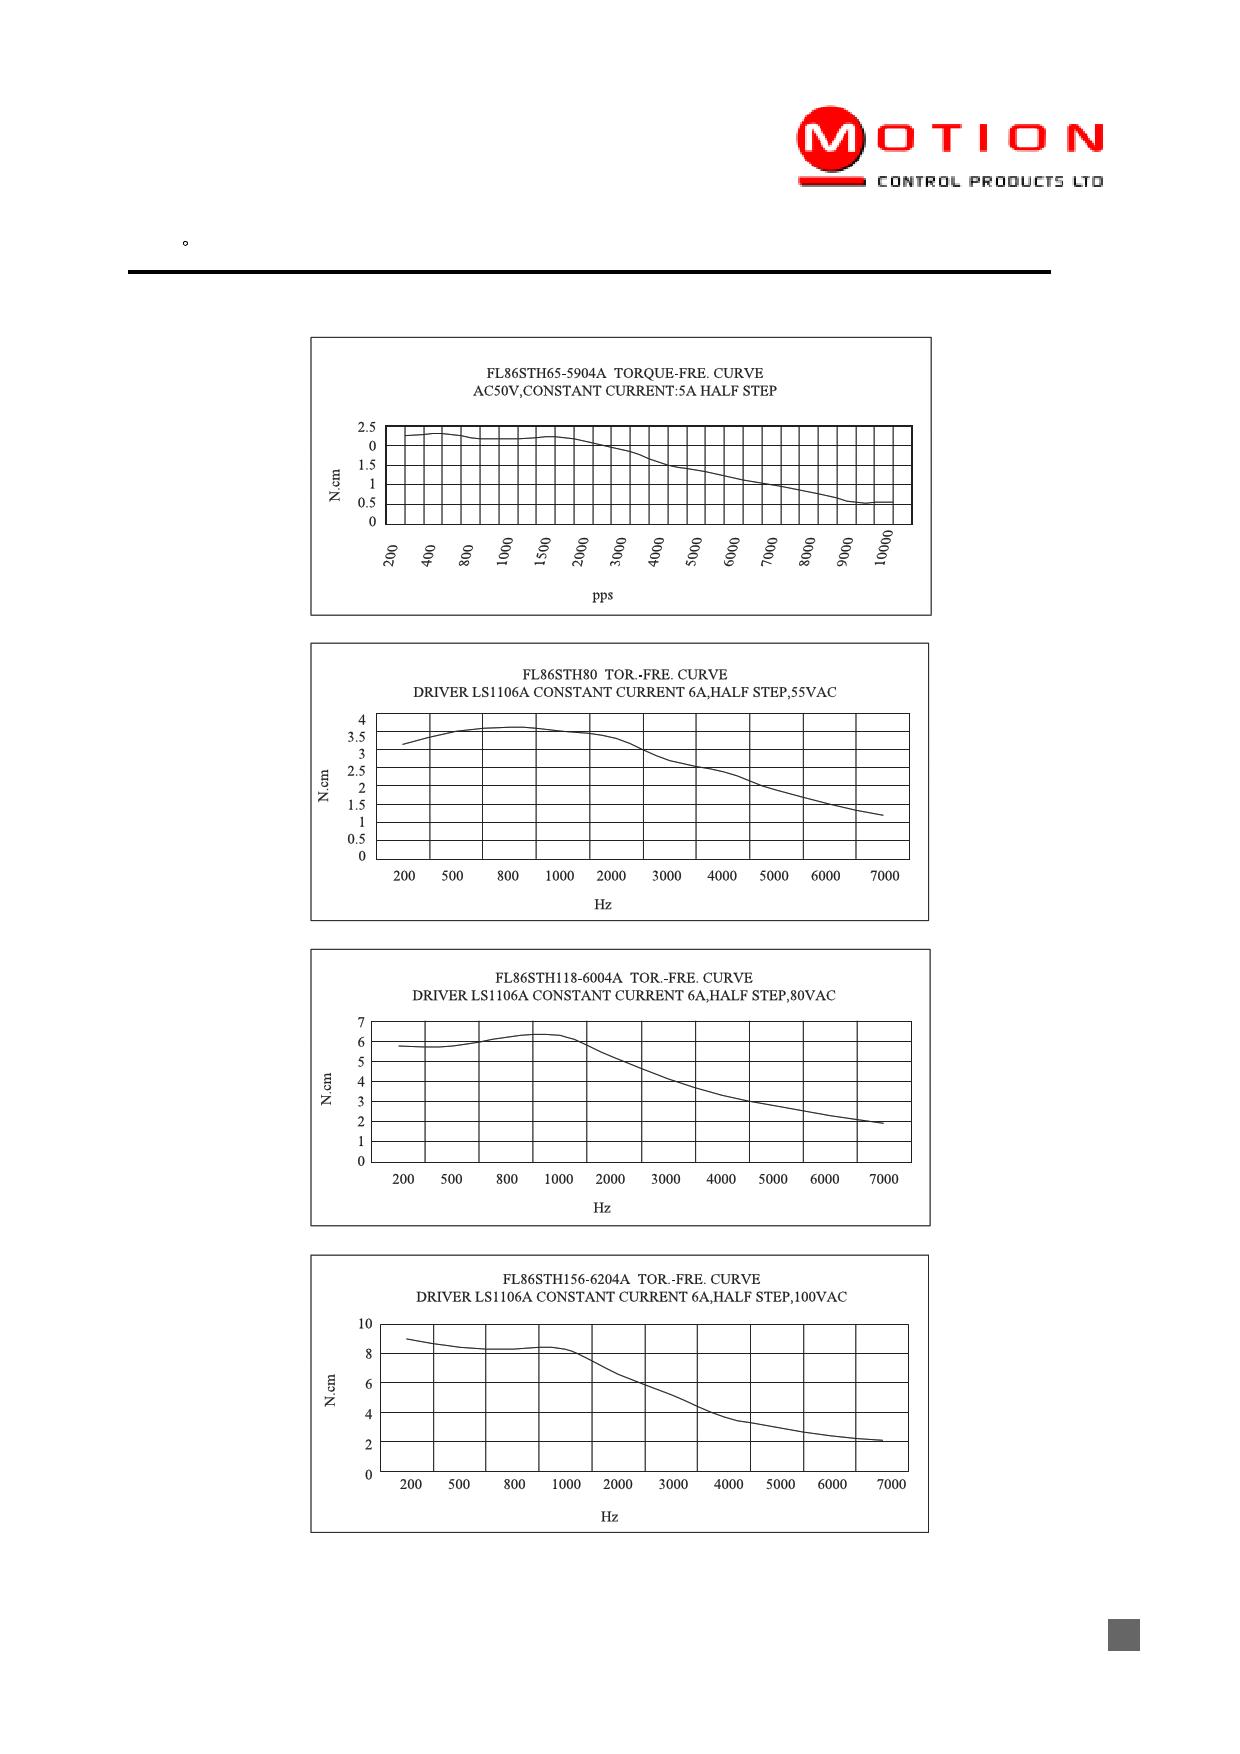 FL86STH118-6004A pdf, 電子部品, 半導体, ピン配列